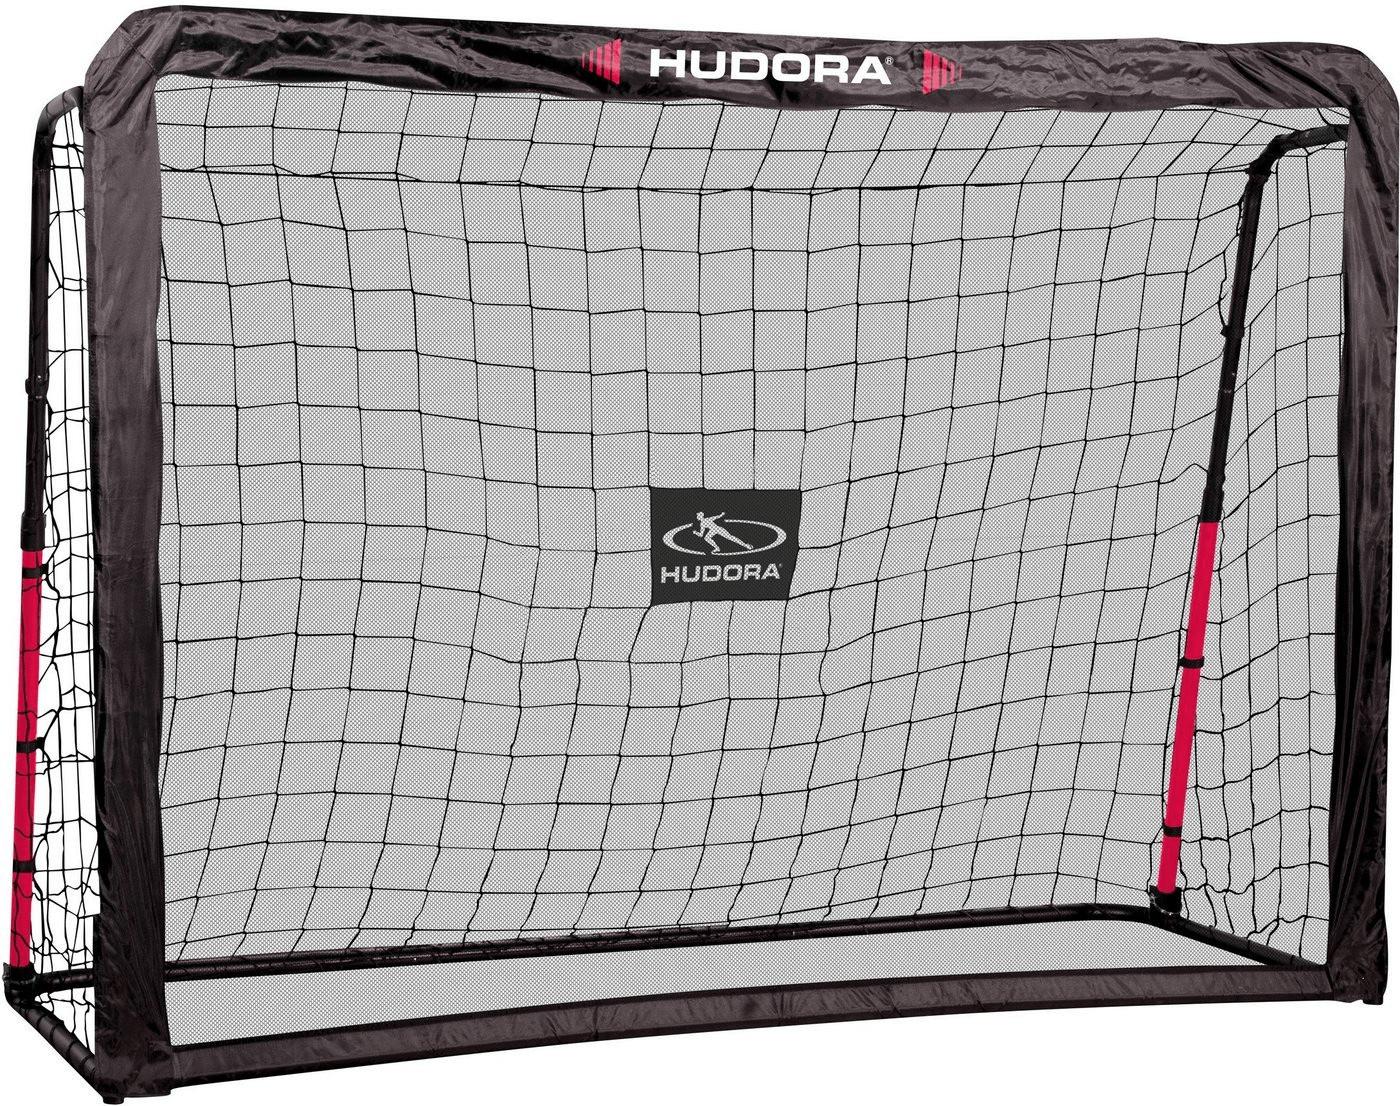 Hudora Football Goal Rebound 2 in 1